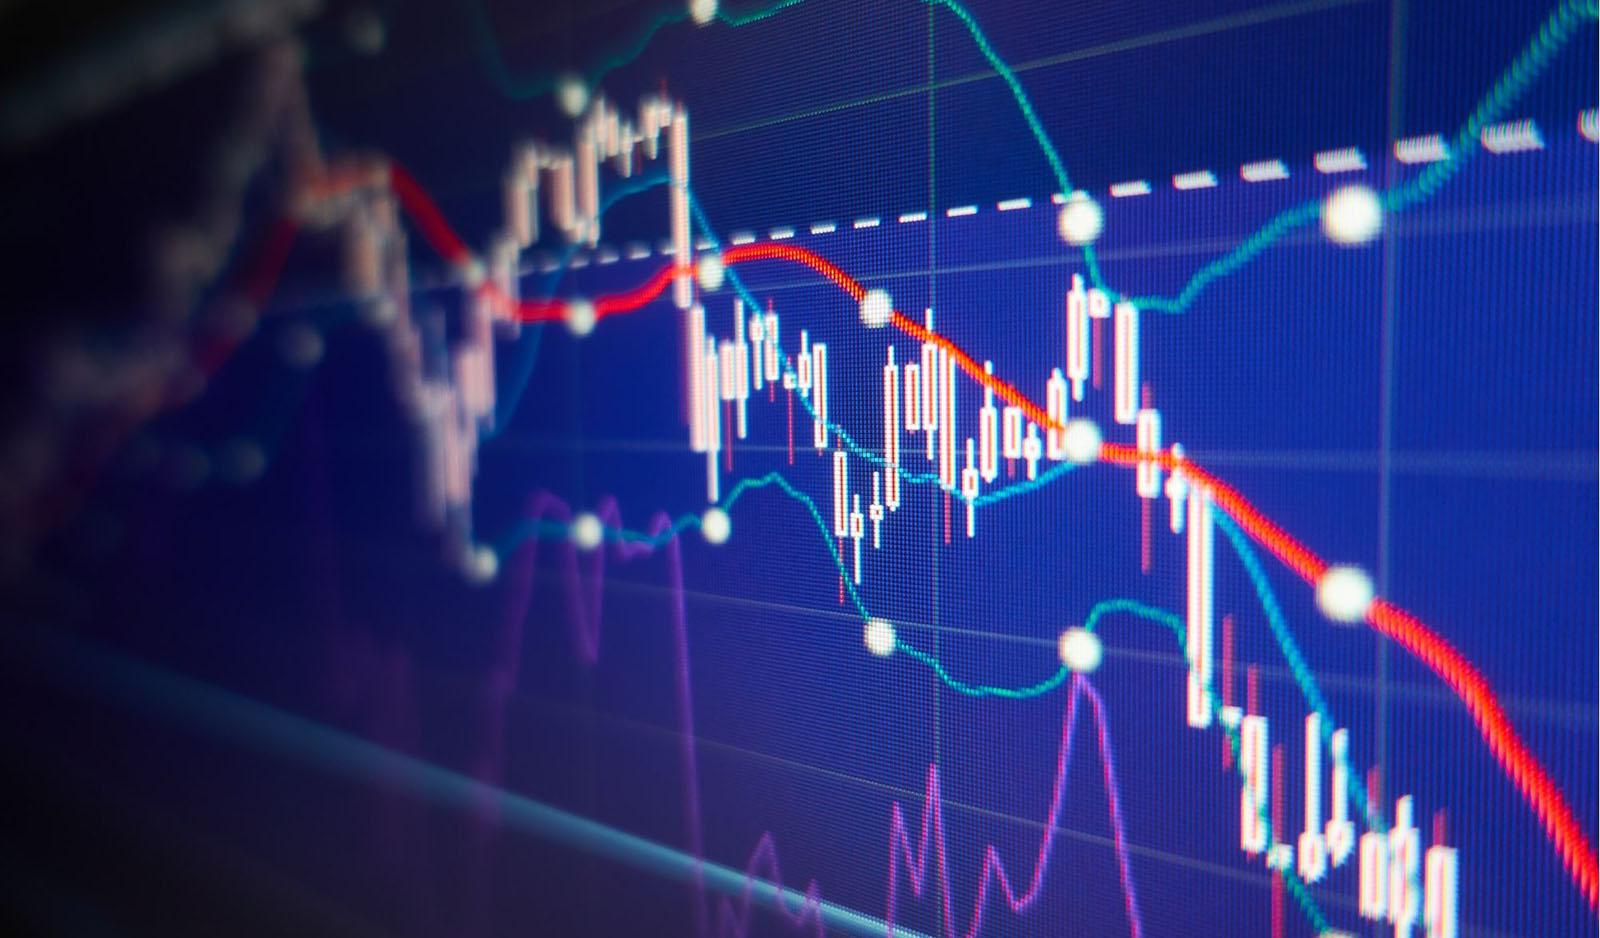 Medidas urgentes para apoyar la reactivación económica y el empleo